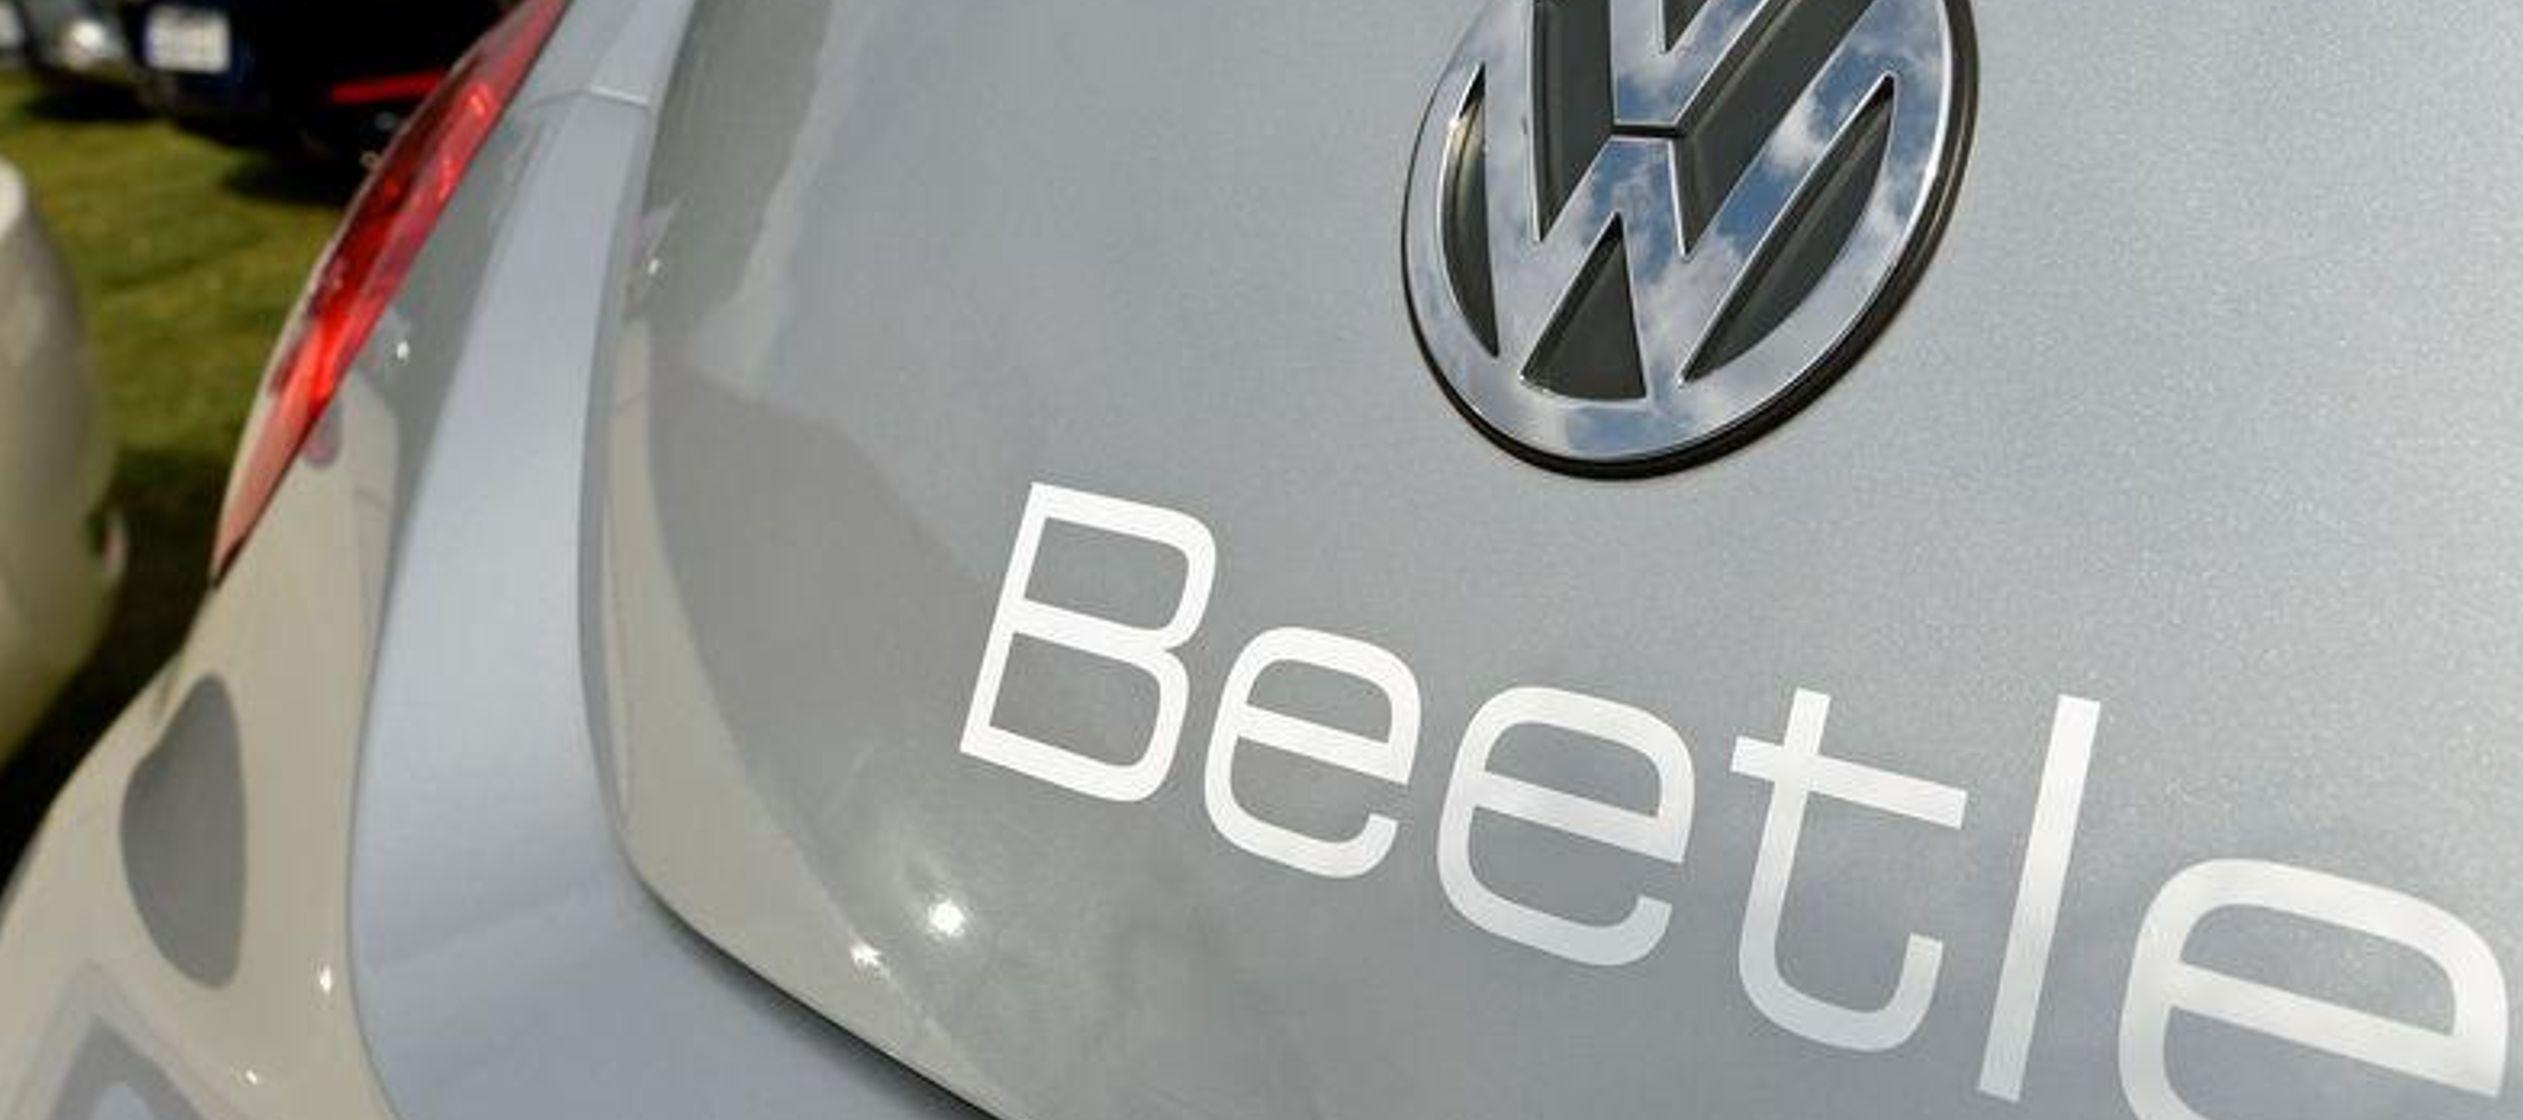 El Nuevo Beetle fue un éxito durante sus primeros años, con ventas de más de...